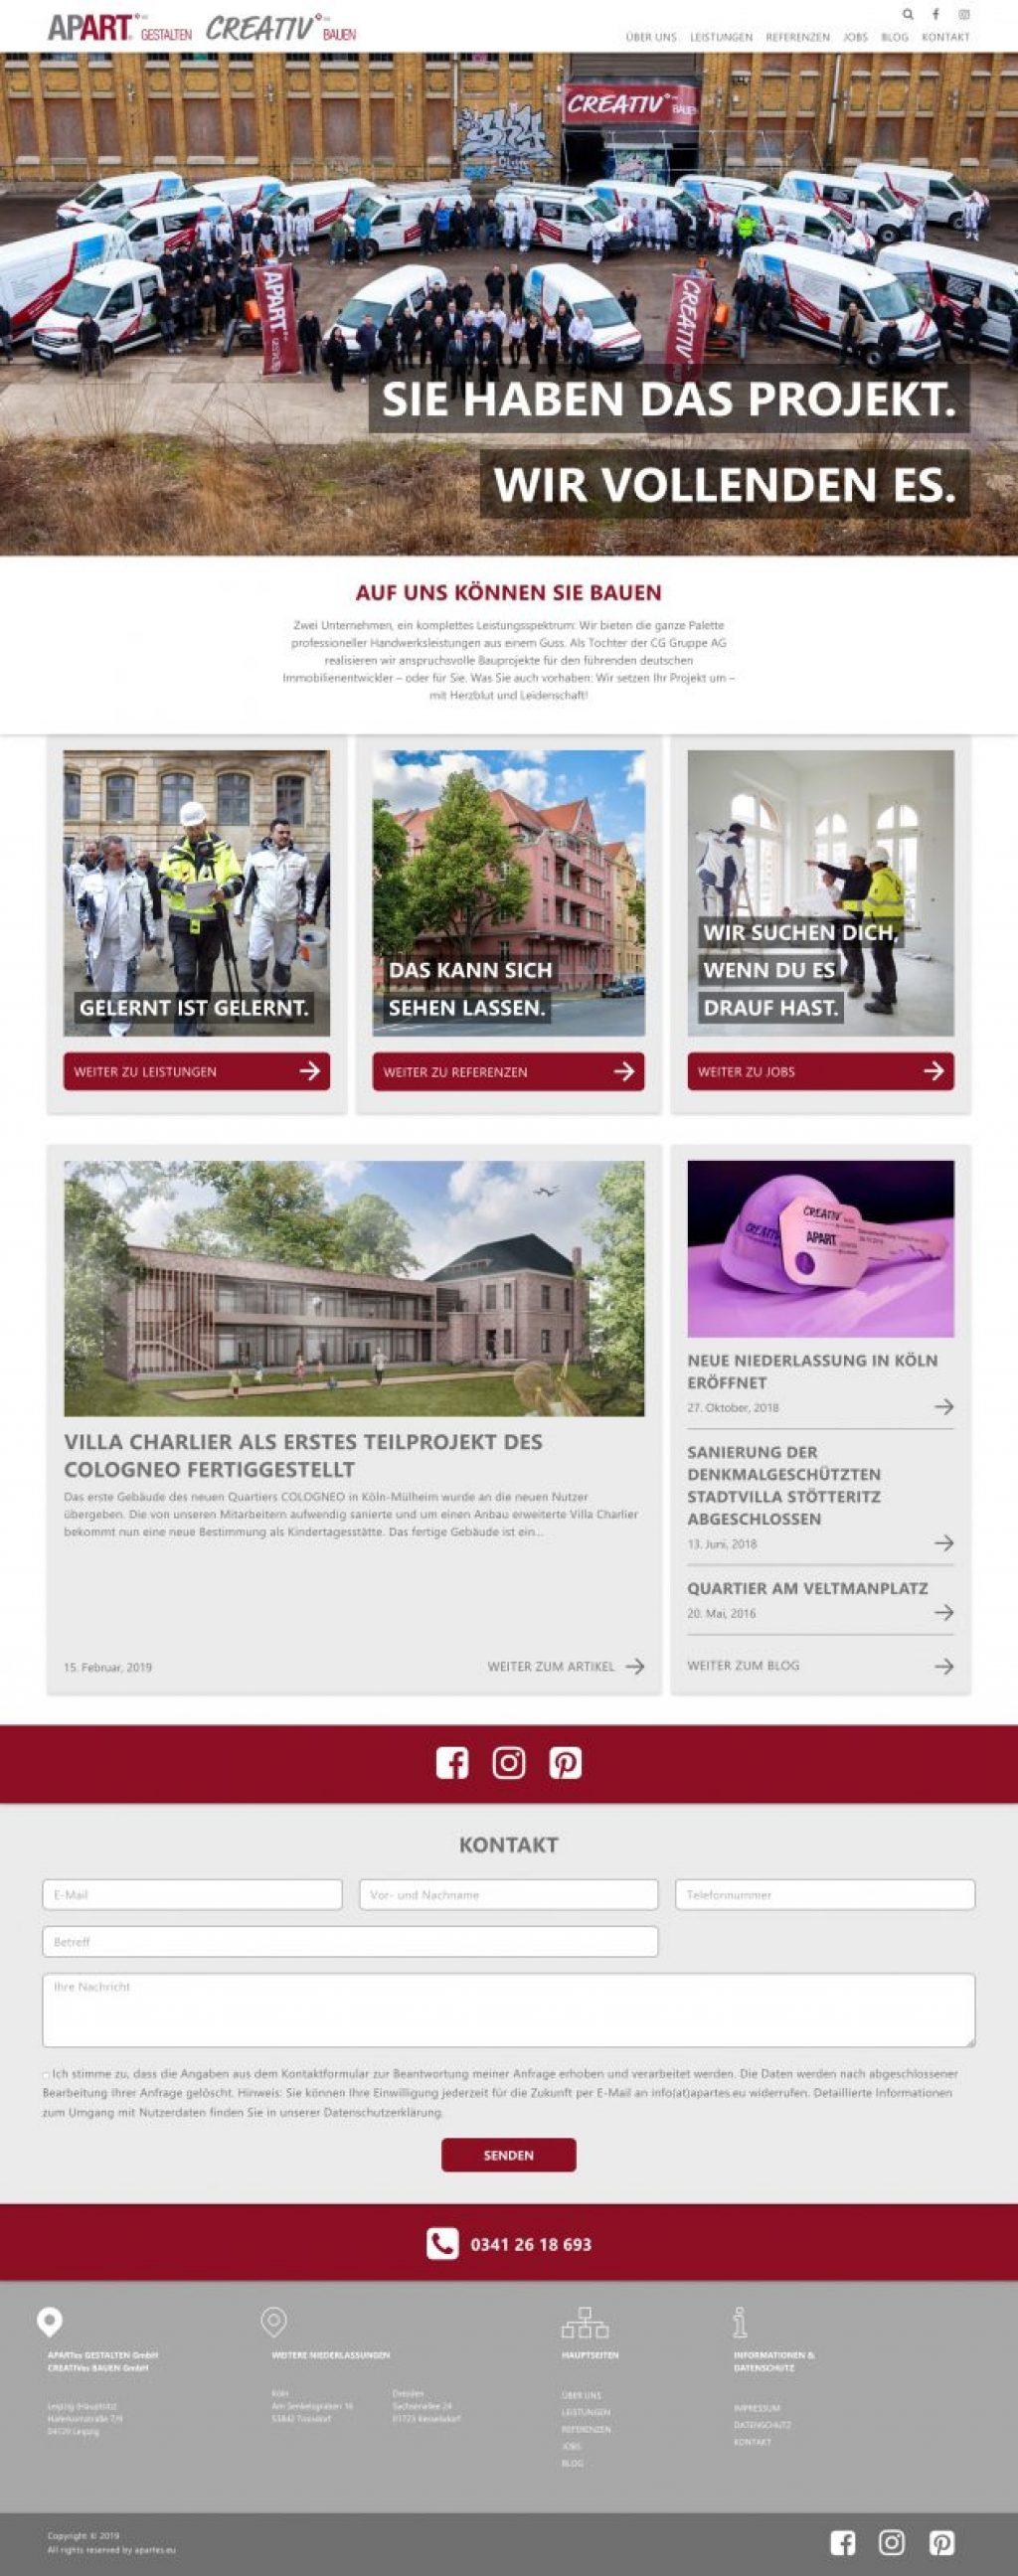 Screenshot 2019 03 11 Startseite apartes eu Professionelle Handwerksleistungen